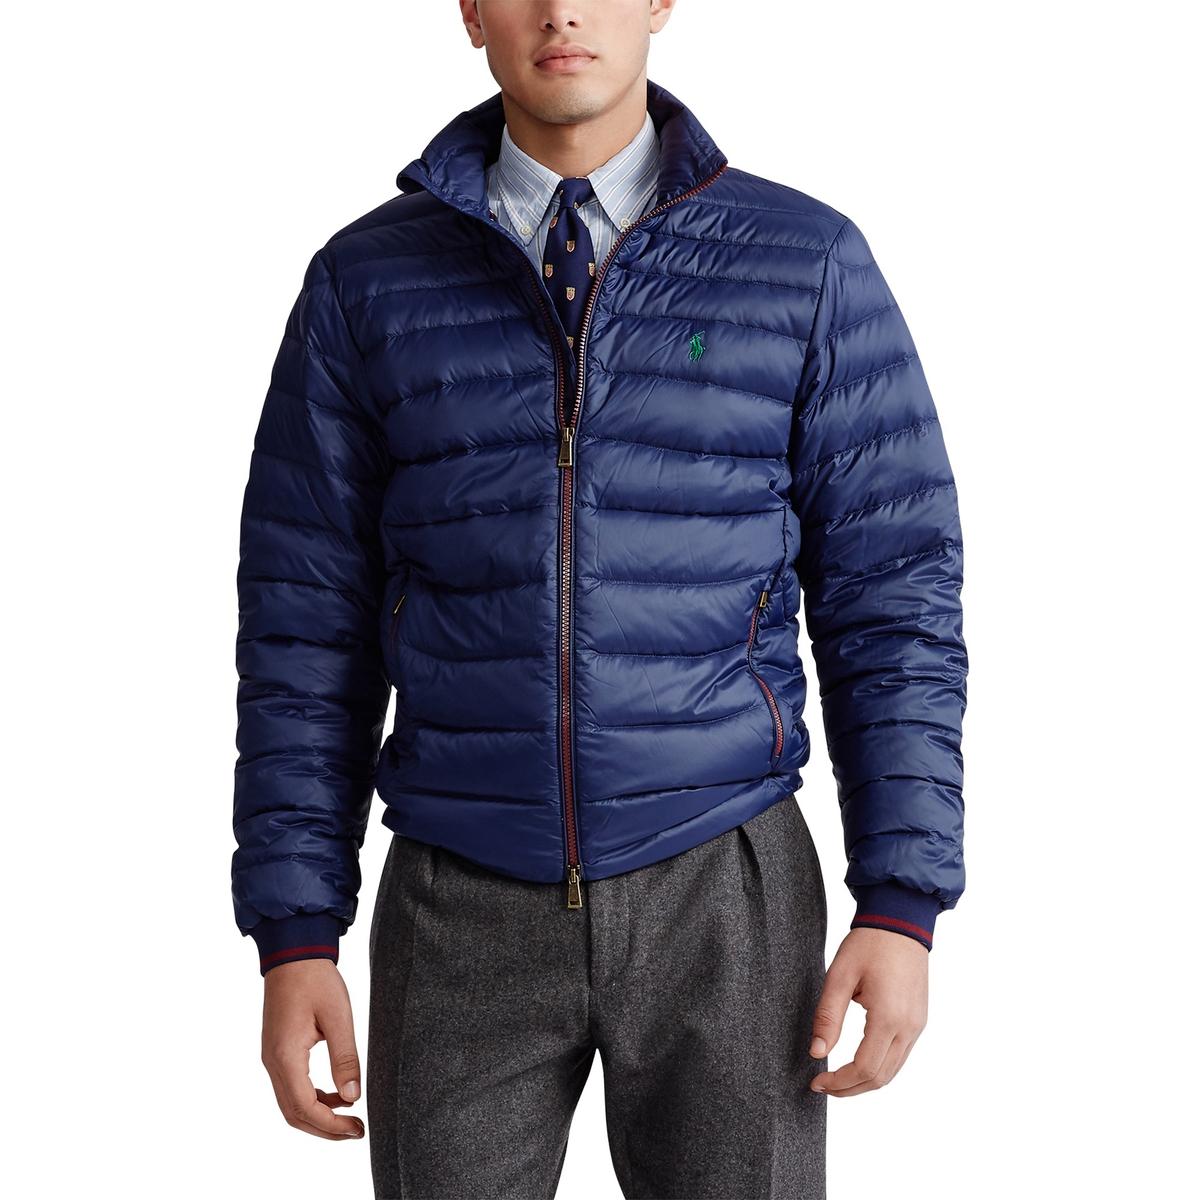 Куртка La Redoute Стеганая легкая на молнии с воротником-стойкой L синий куртка la redoute стеганая короткая nebraska с воротником стойкой на молнии s синий